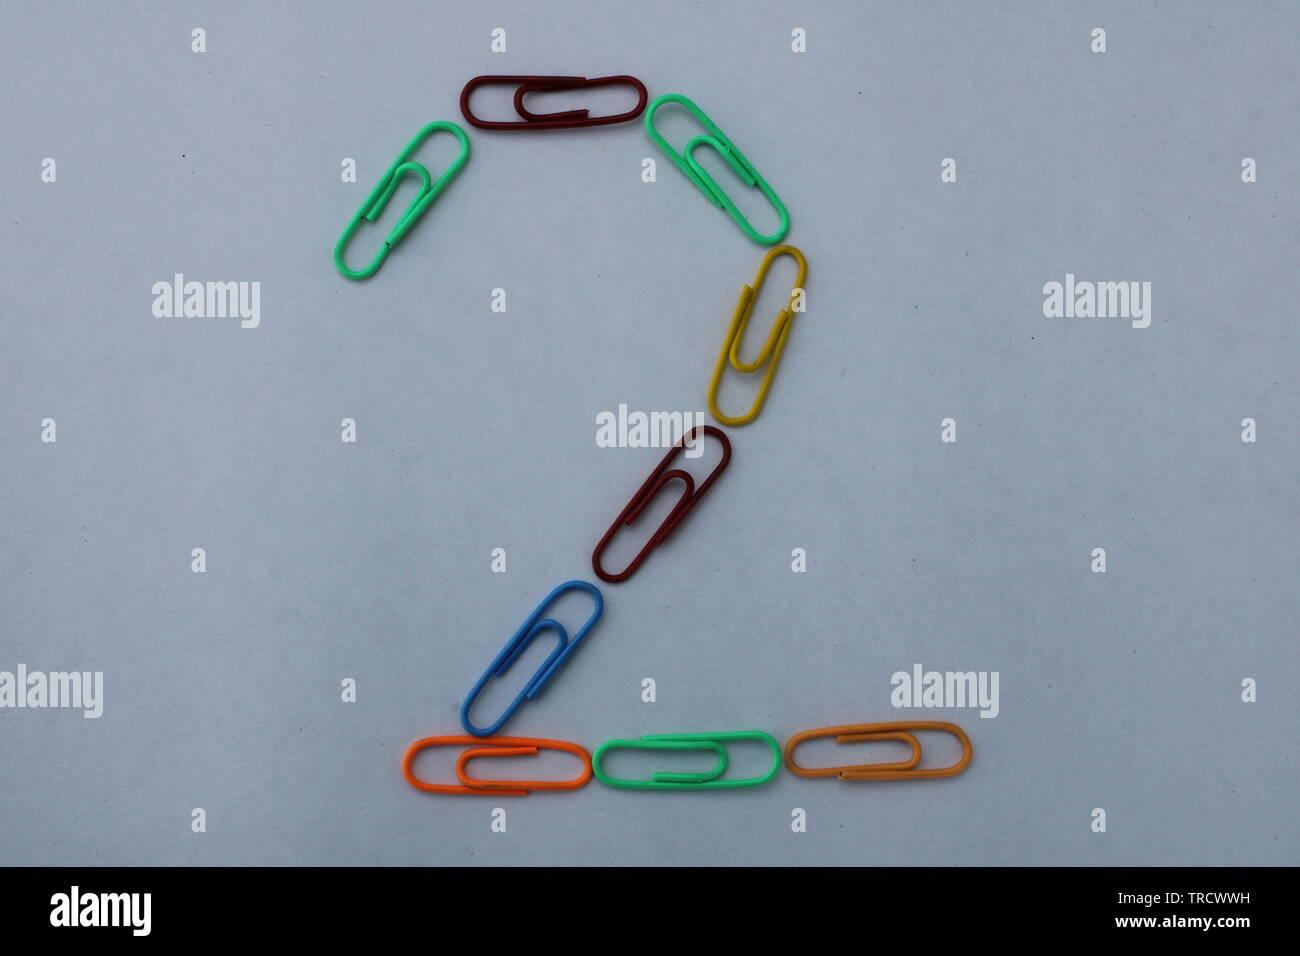 Numéro 2 fait avec des trombones colorés sur fond blanc Photo Stock